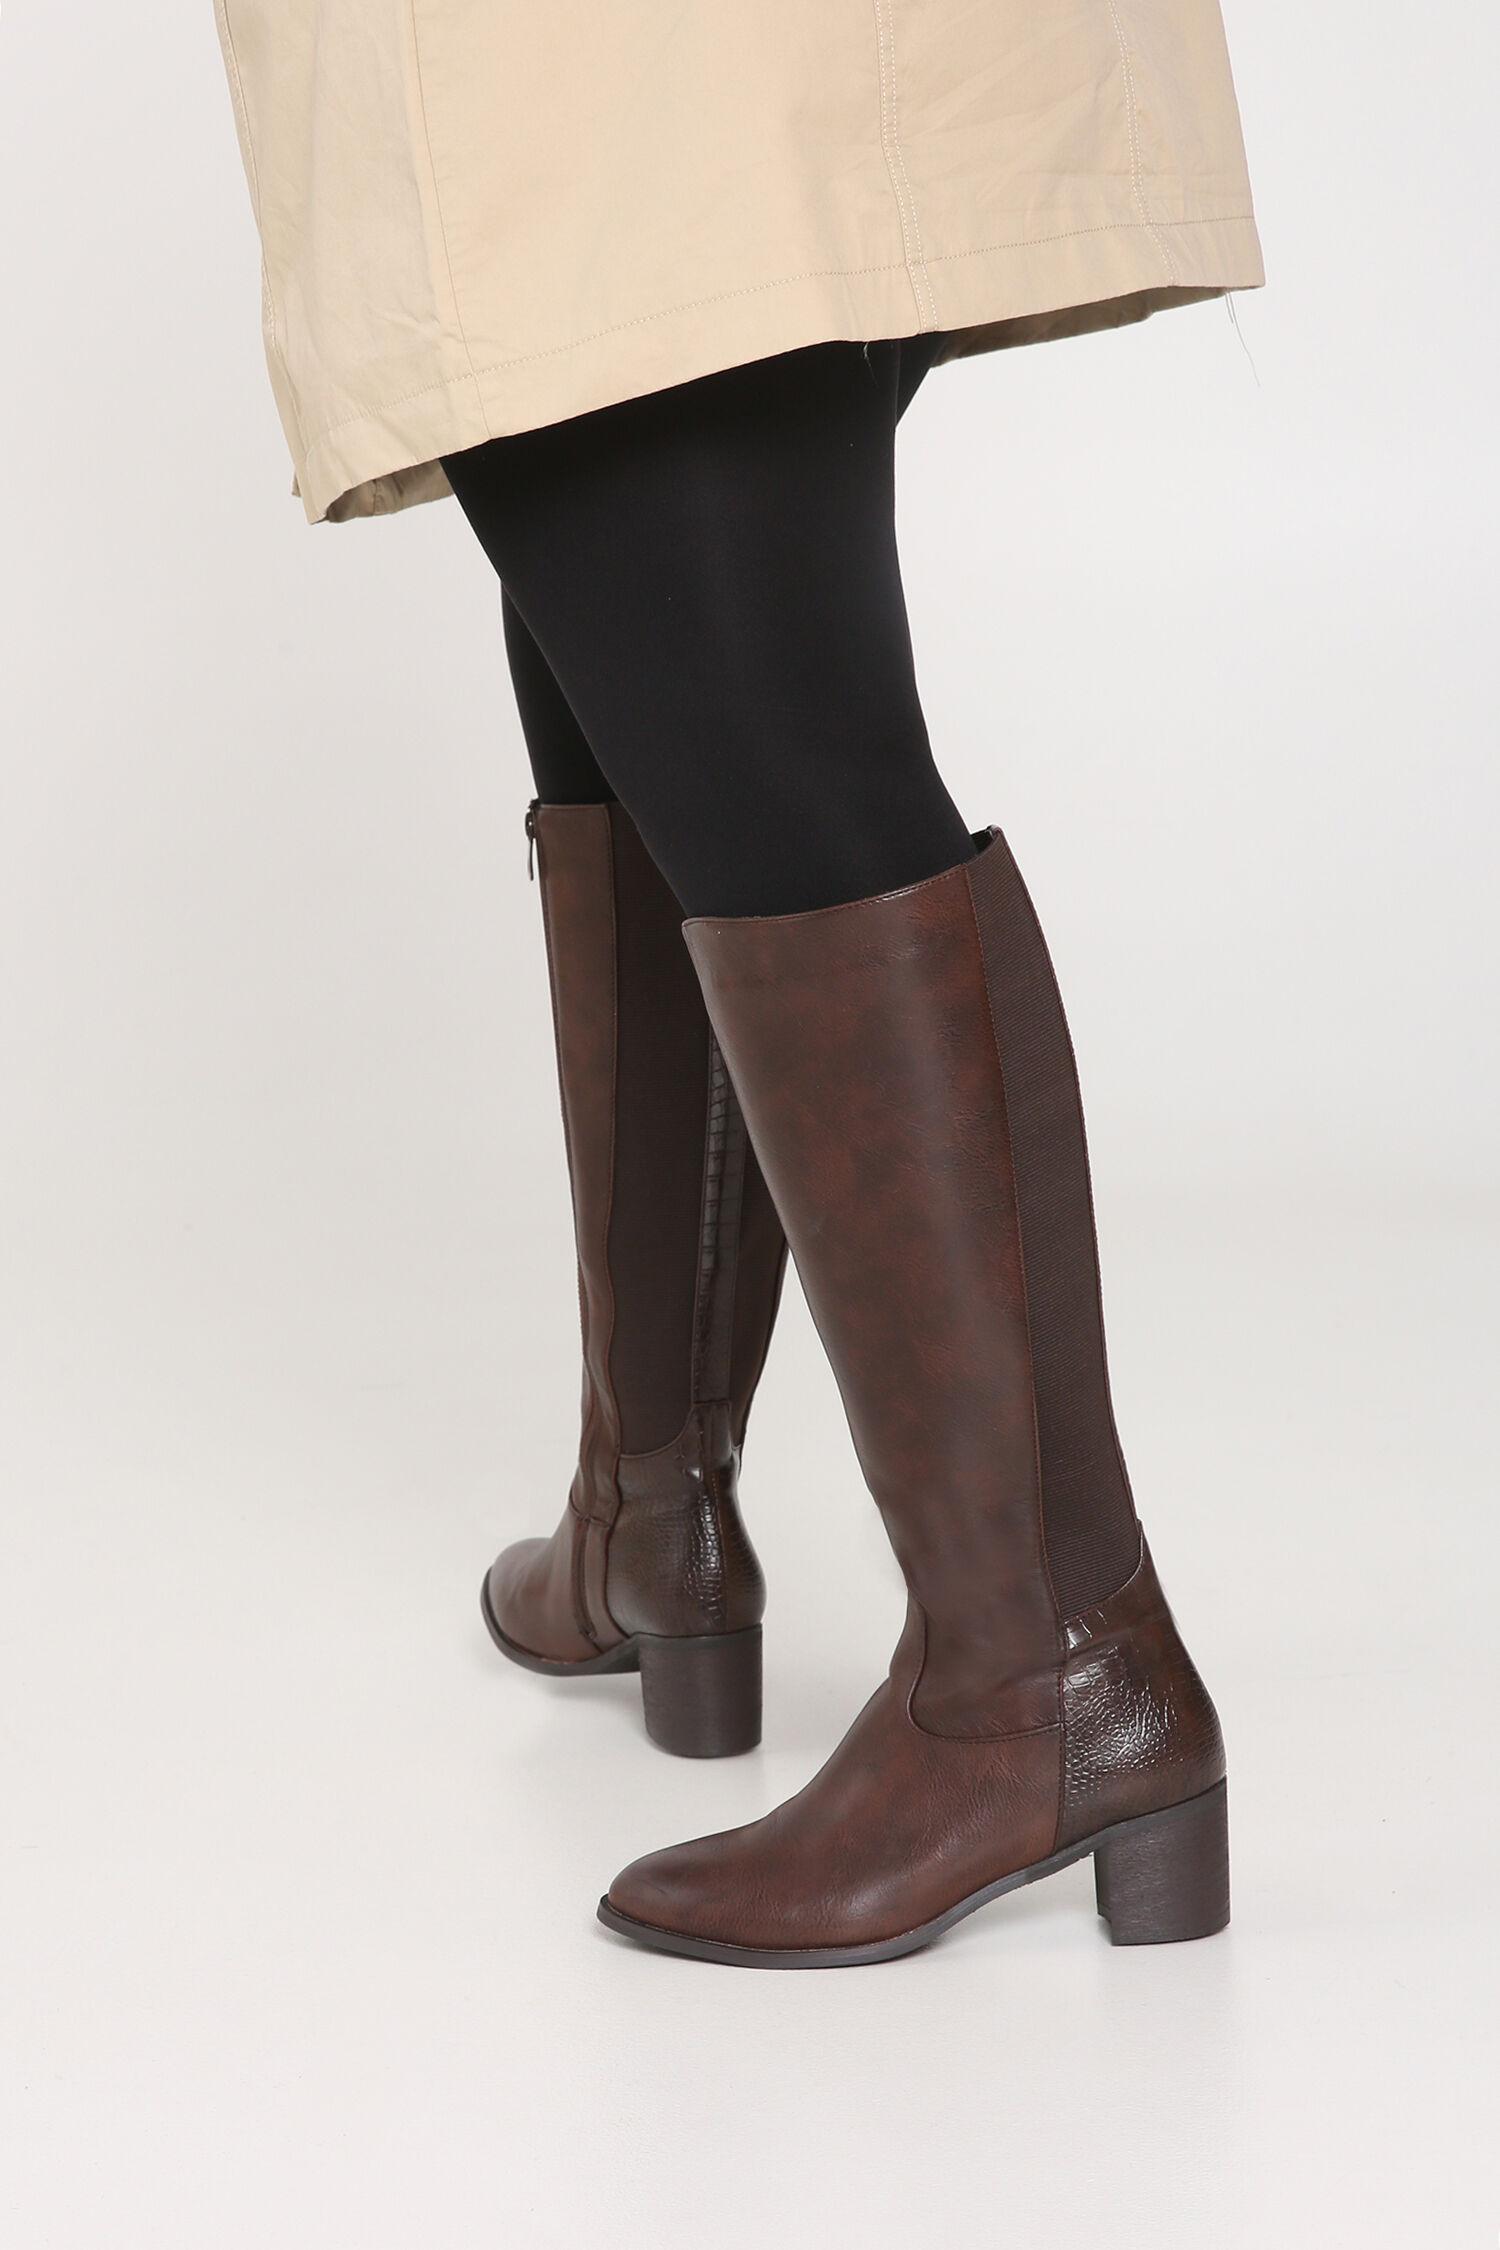 Schoenen brede schacht voor dames paprika